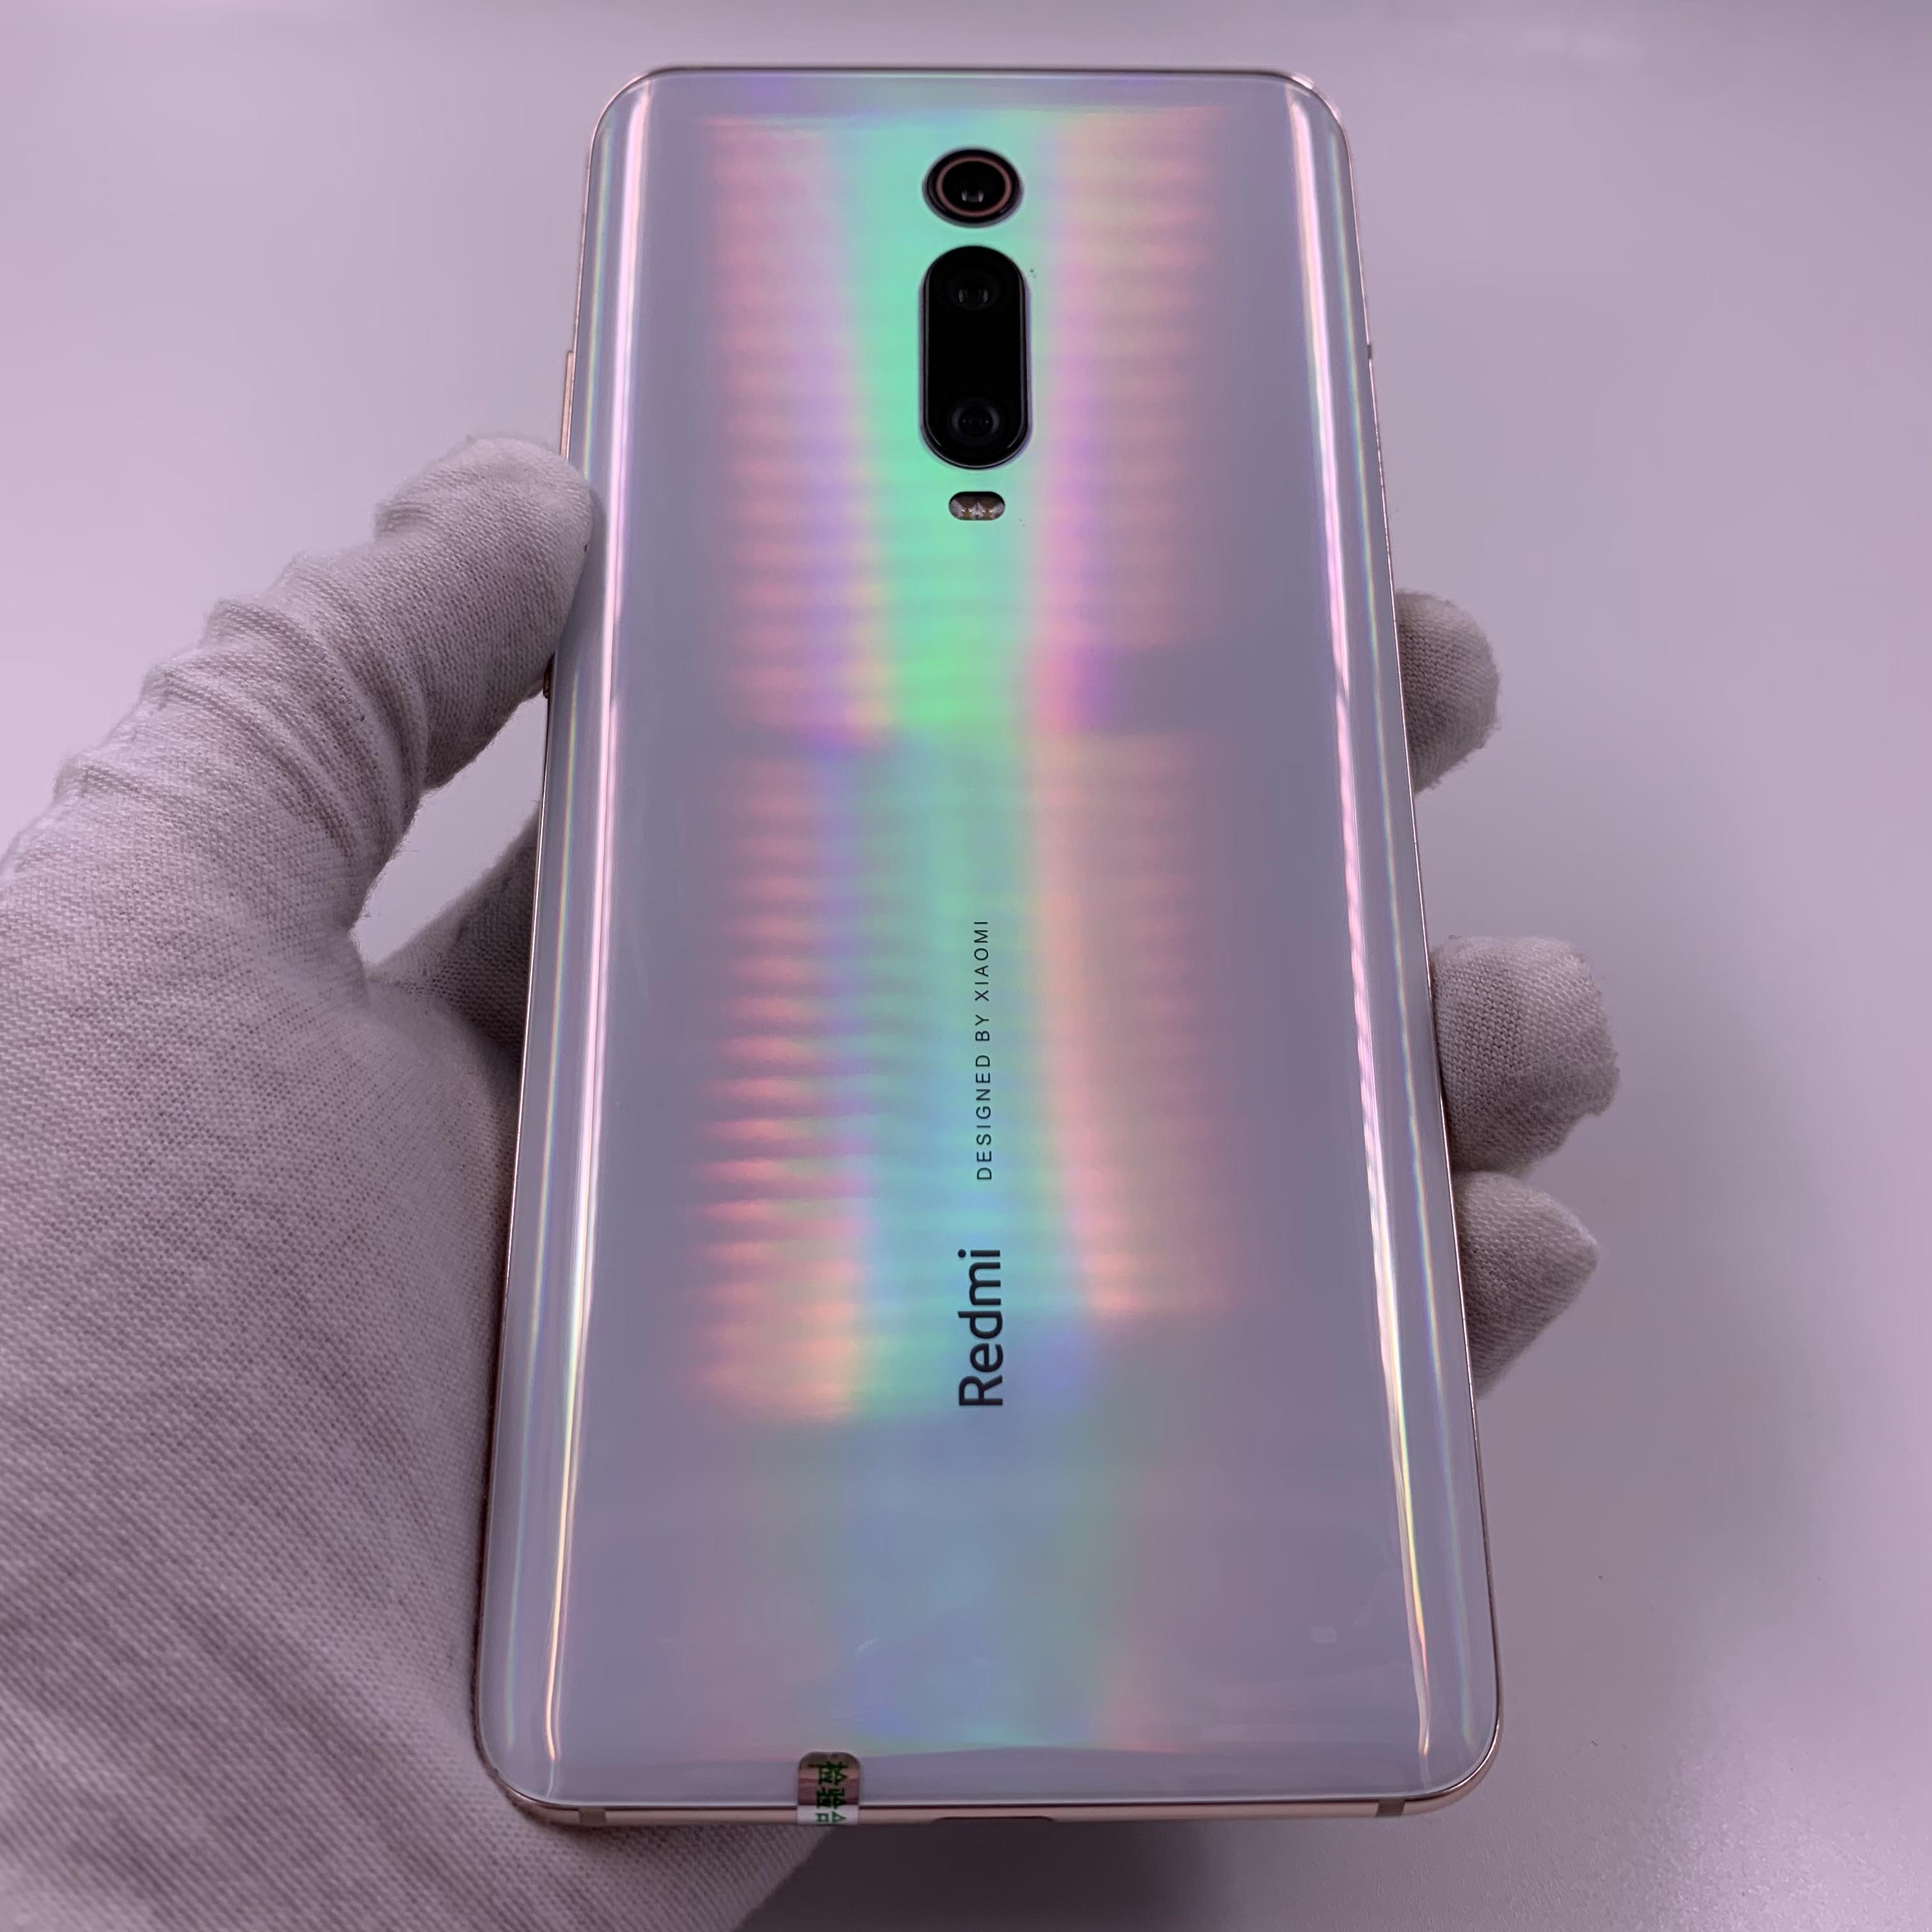 小米【Redmi K20 Pro 尊享】4G全网通 水之密语 8G/128G 国行 8成新 真机实拍